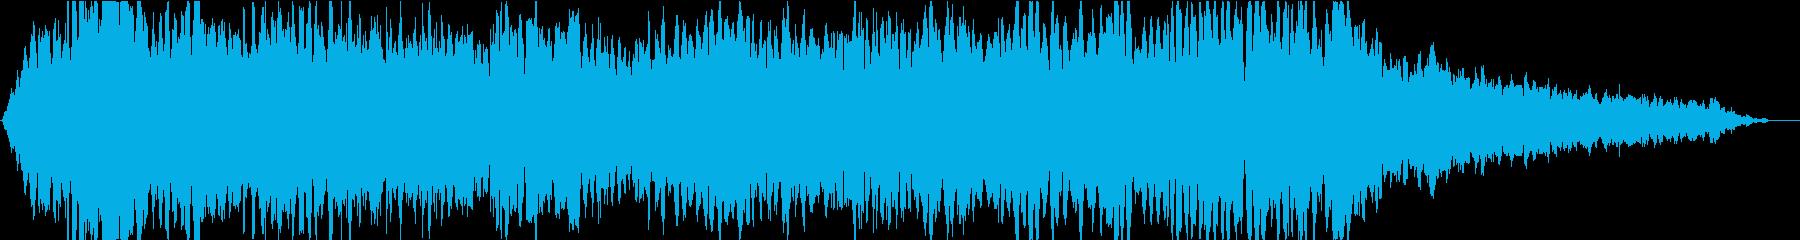 ドローン クレイジーエレファント02の再生済みの波形